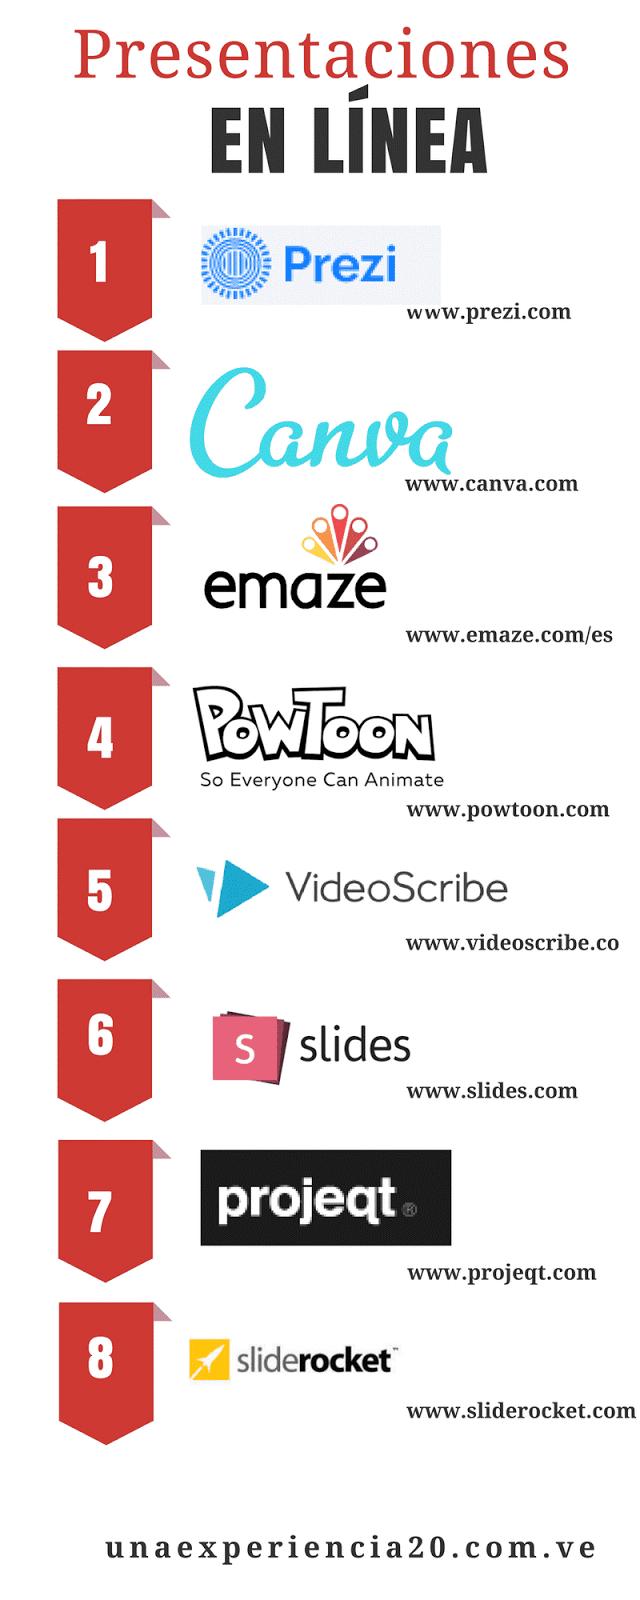 herramientas-presentaciones-online-infografia